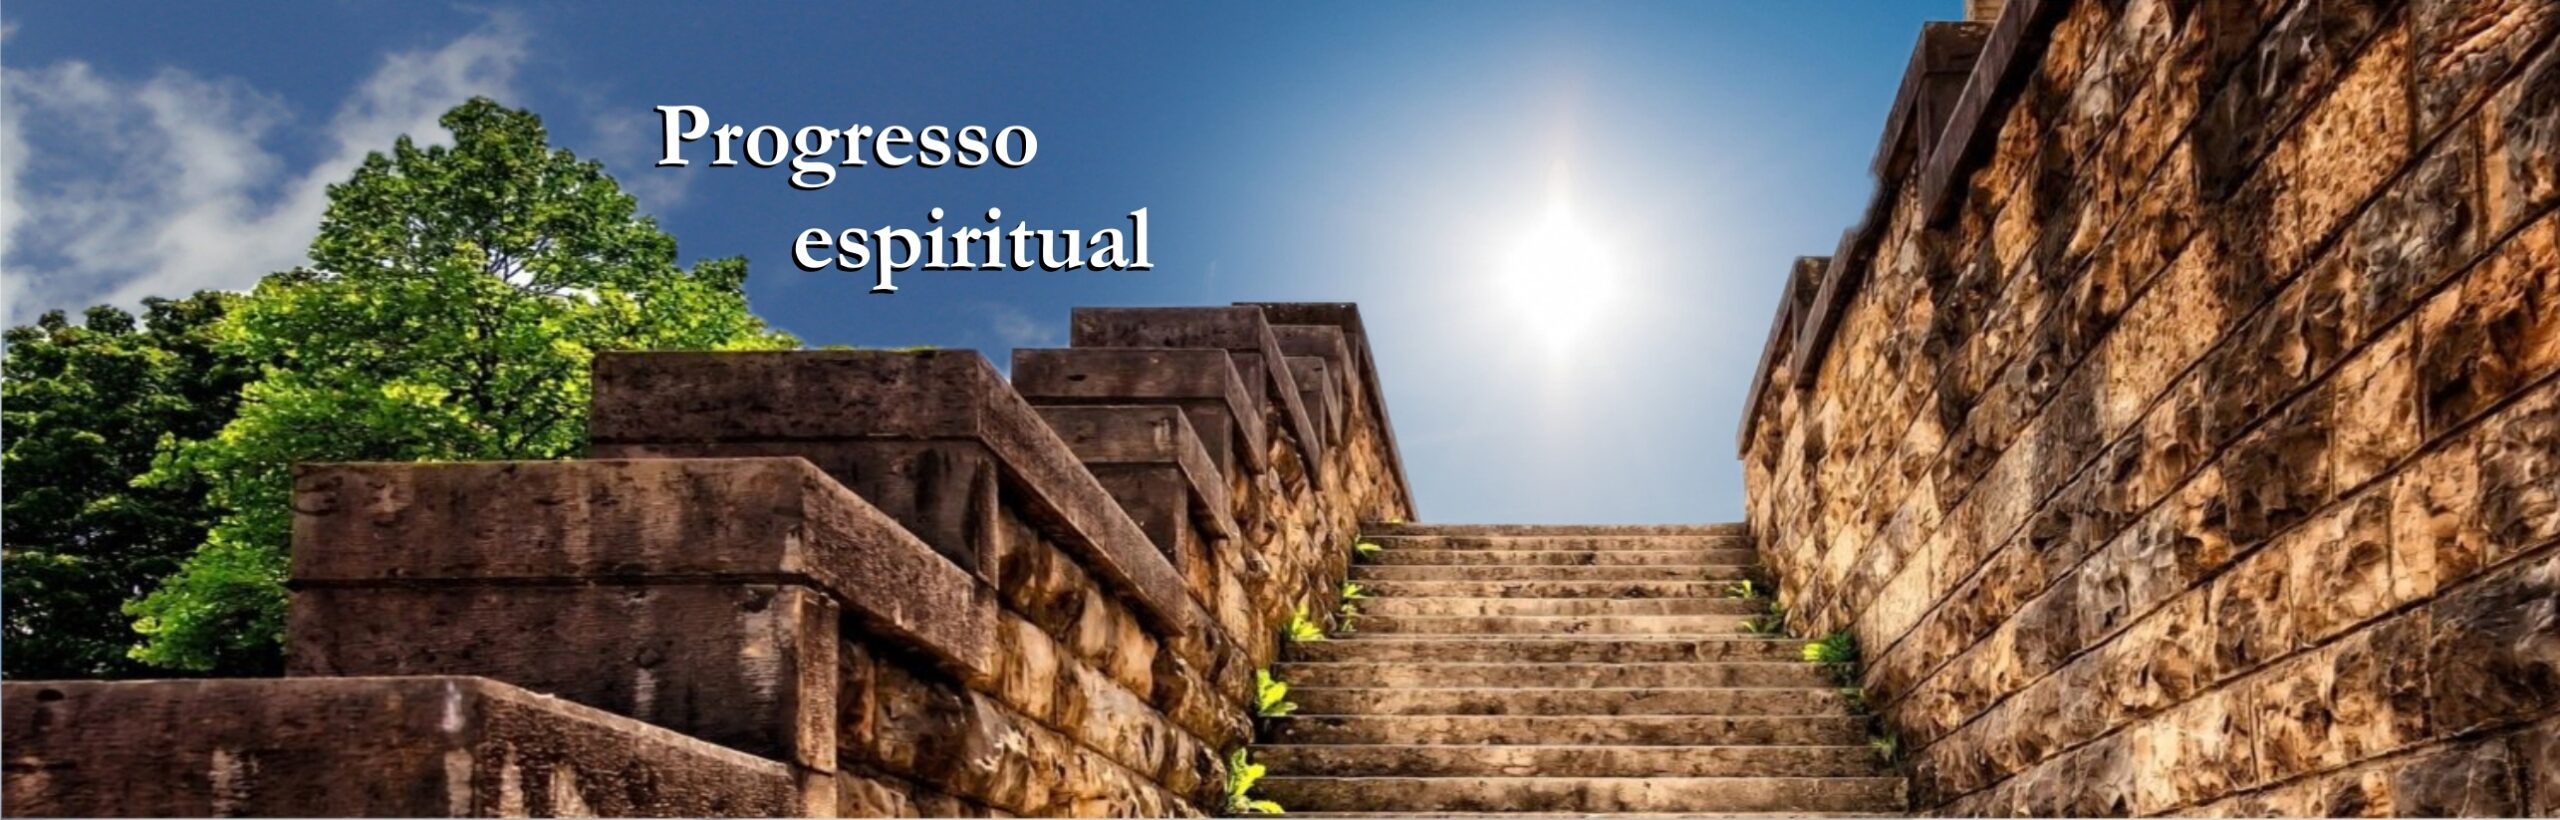 Progresso Espiritual